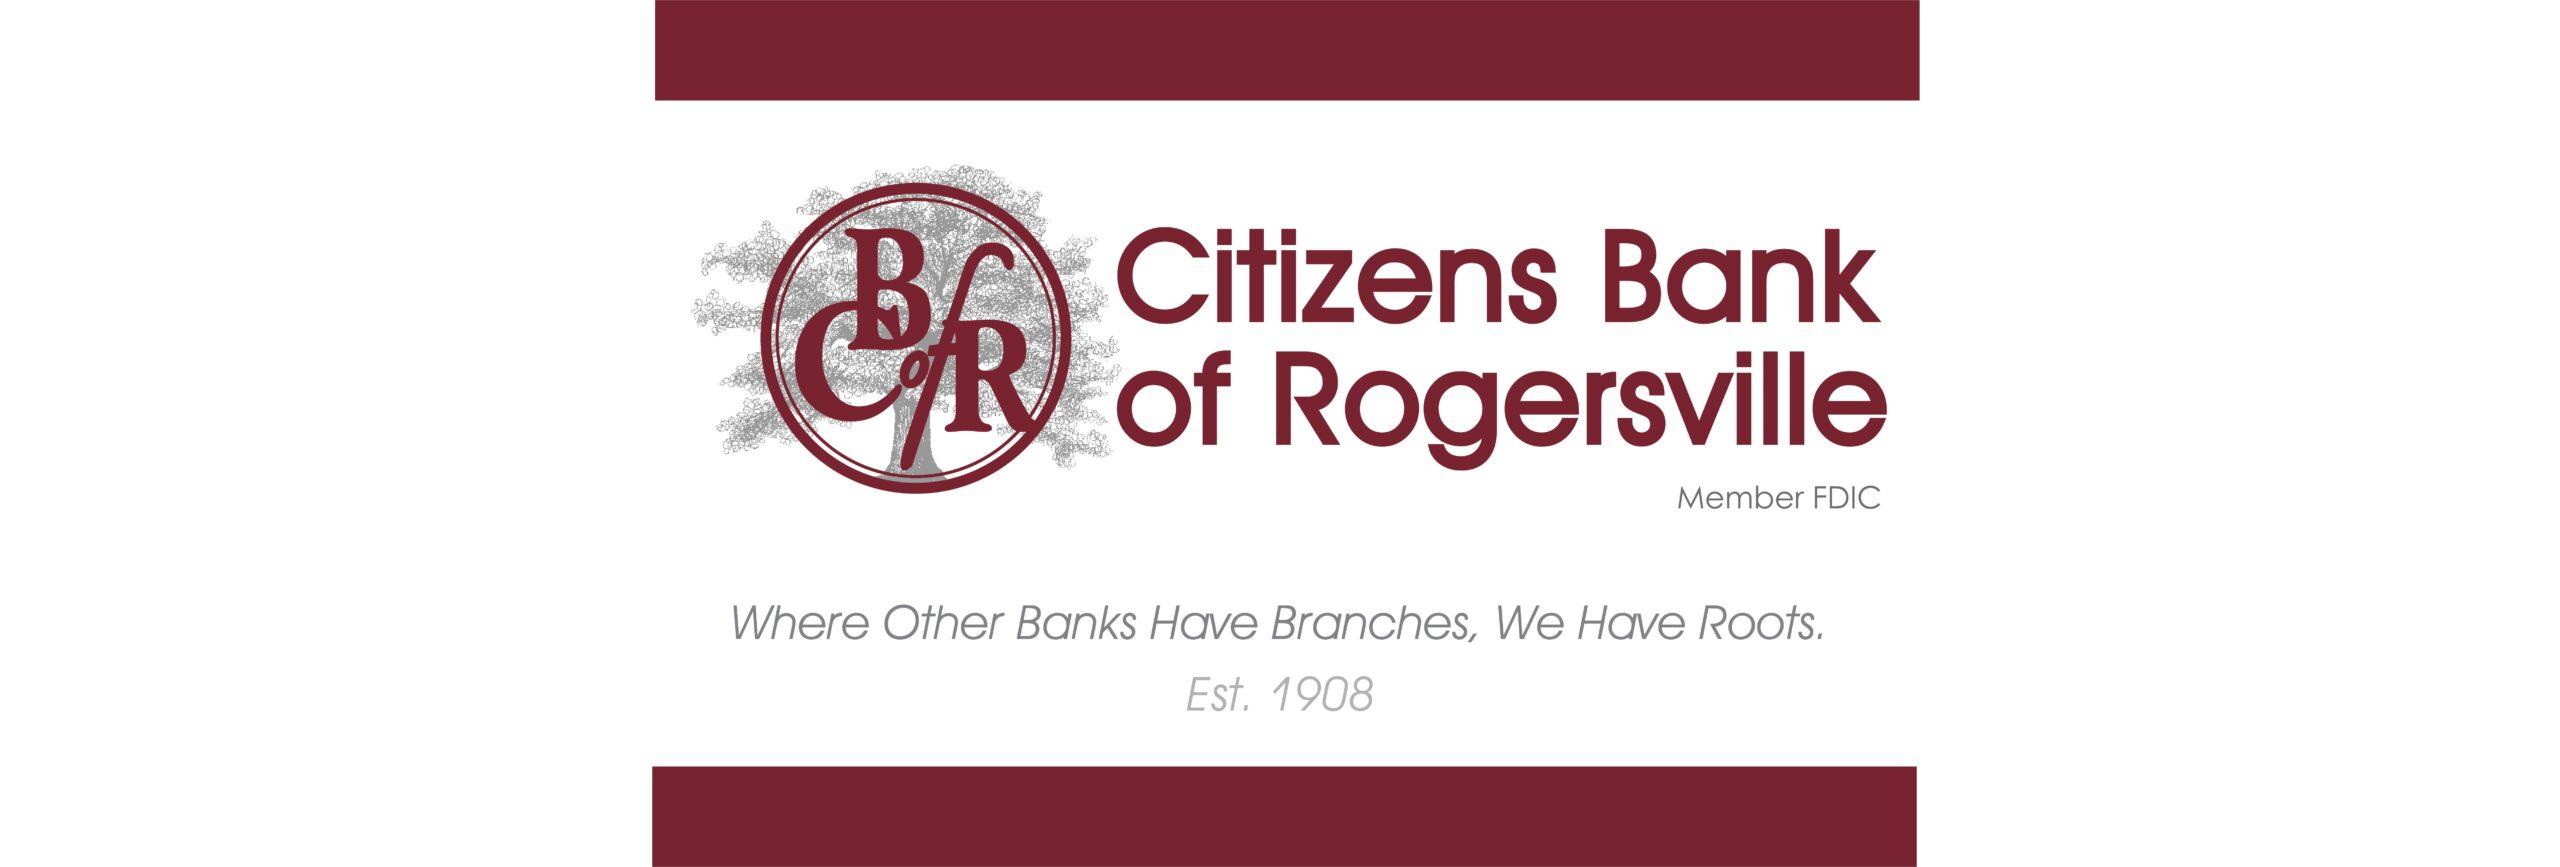 Citizen's Bank of Rogersville